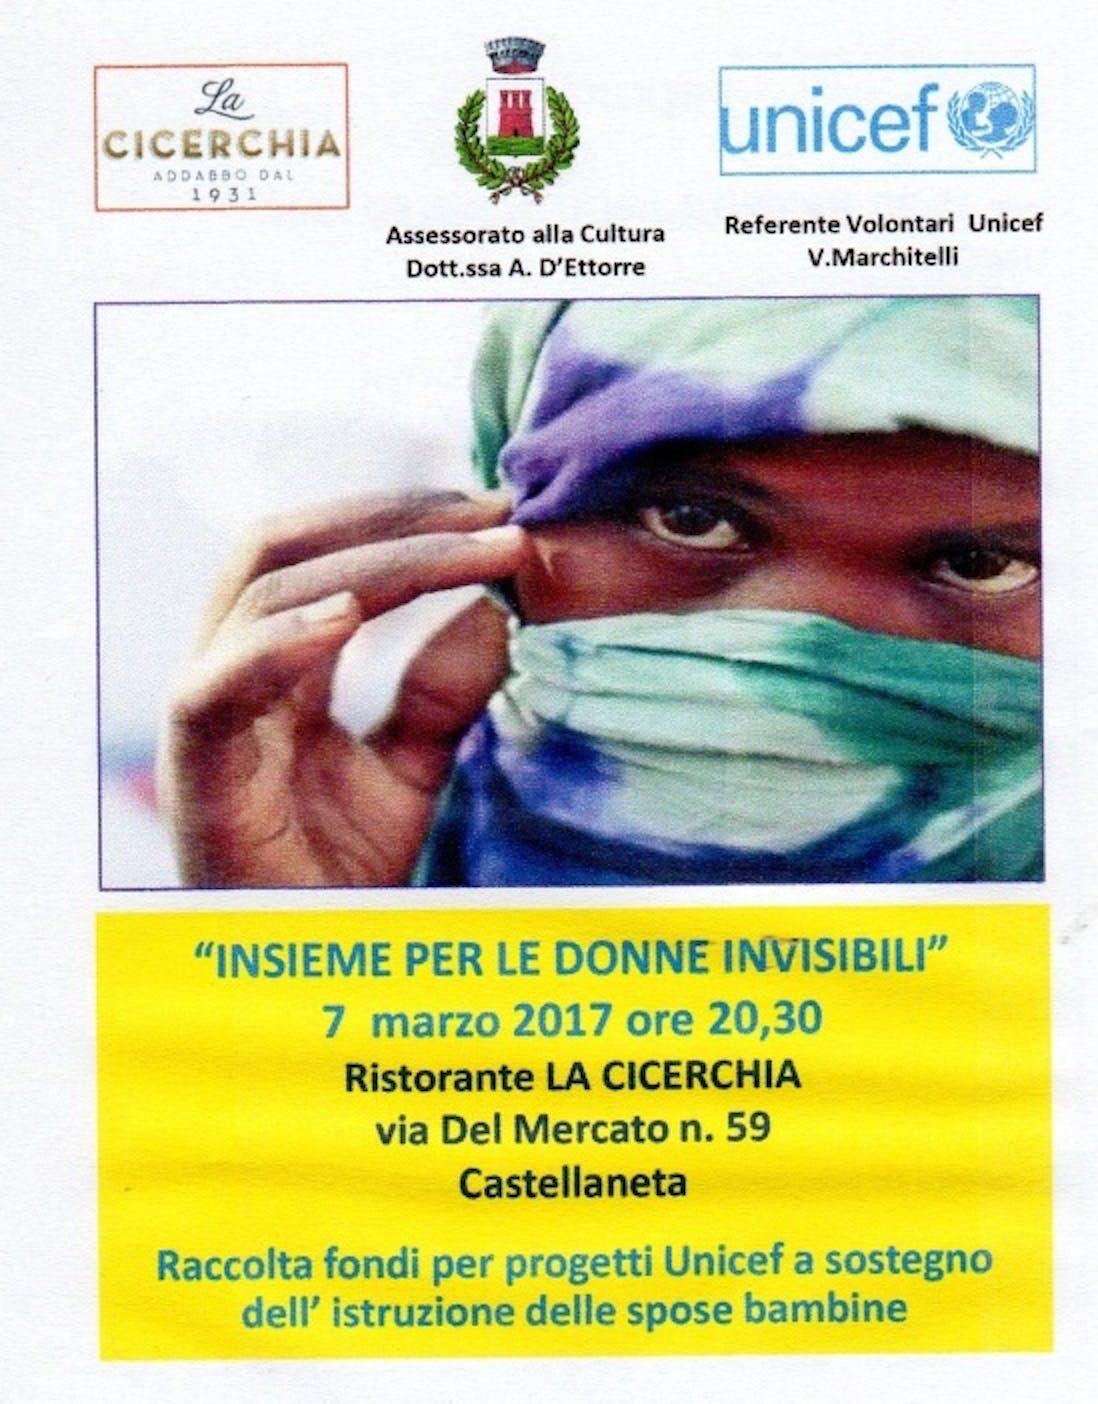 Insieme per le donne invisibili. Il 7 marzo alle 20.30 una serata di raccolta fondi a Castellaneta